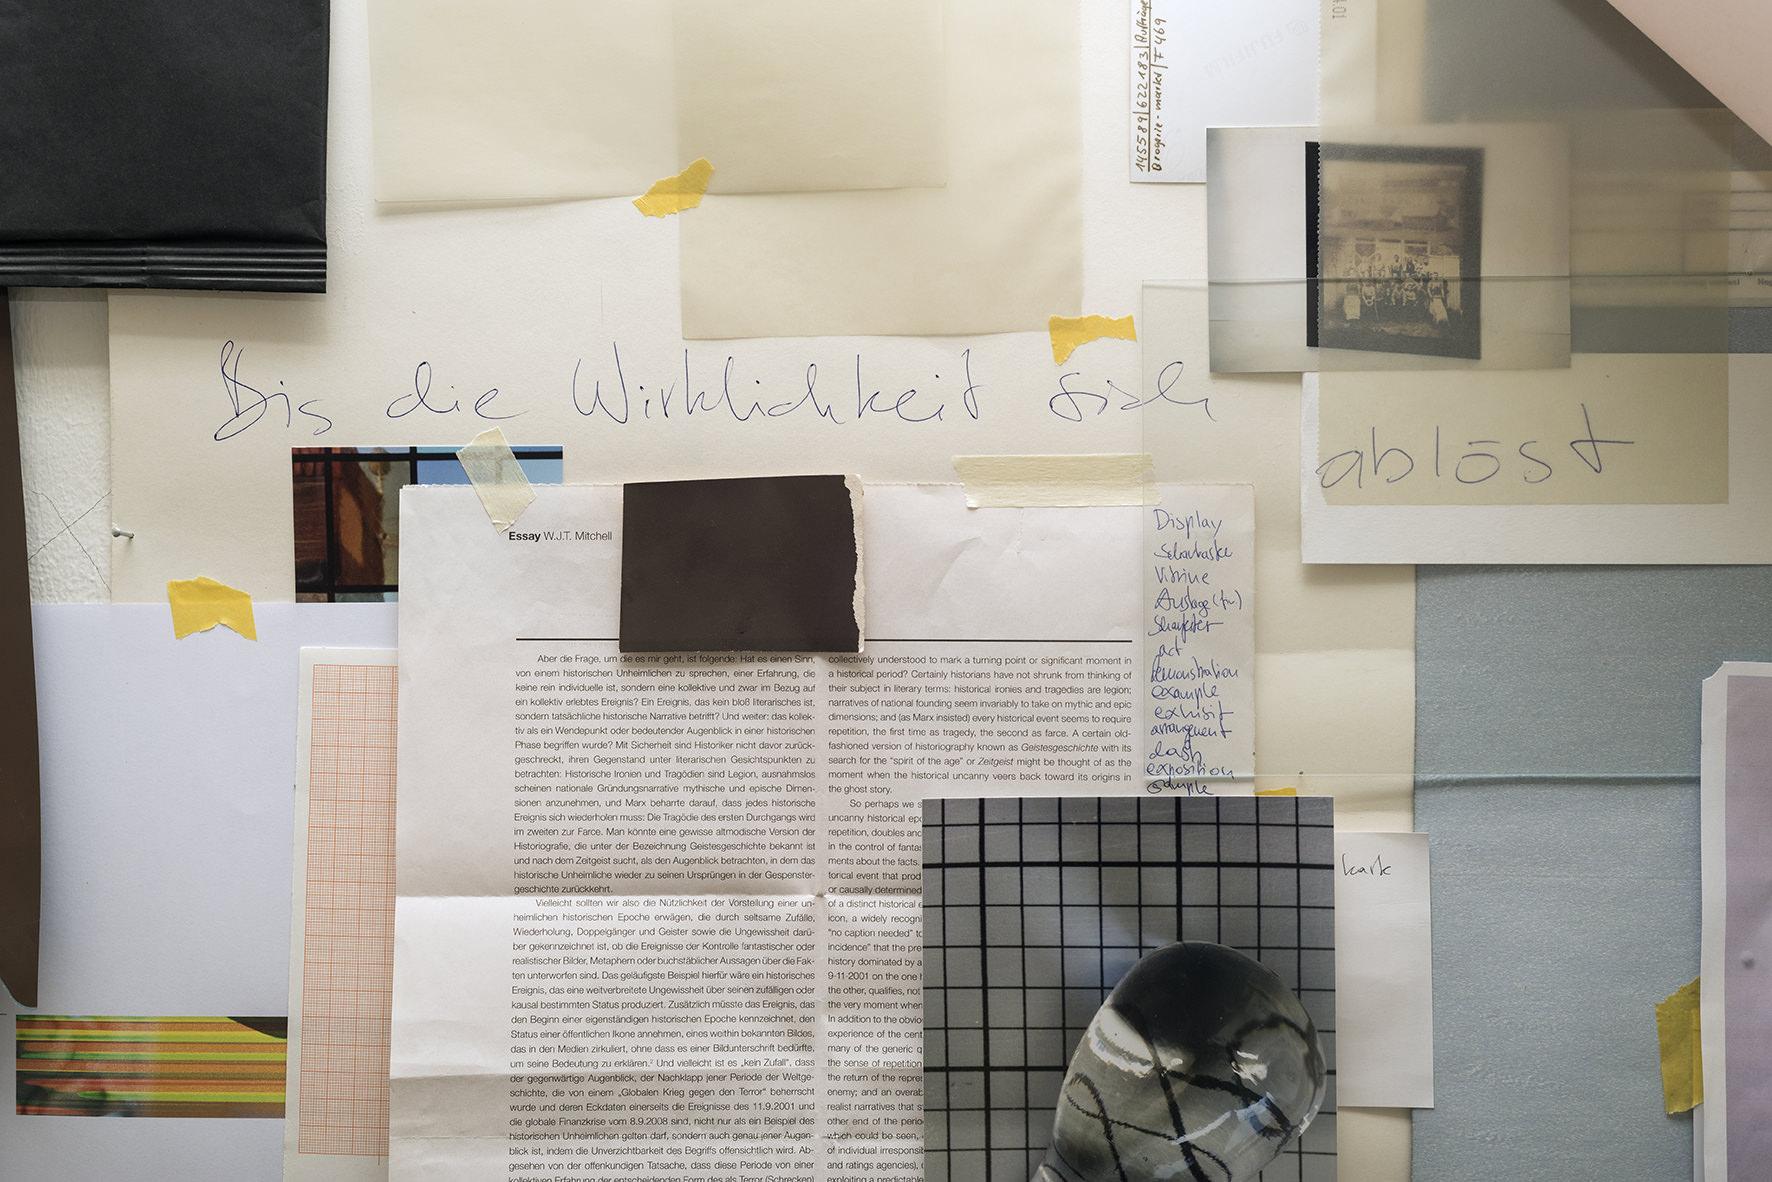 Bis die Wirklichkeit sich ablöst, collagierte Arbeit als Reproduktion. Edition von 10, signierter C-Print. Erhältlich auf Anfrage.